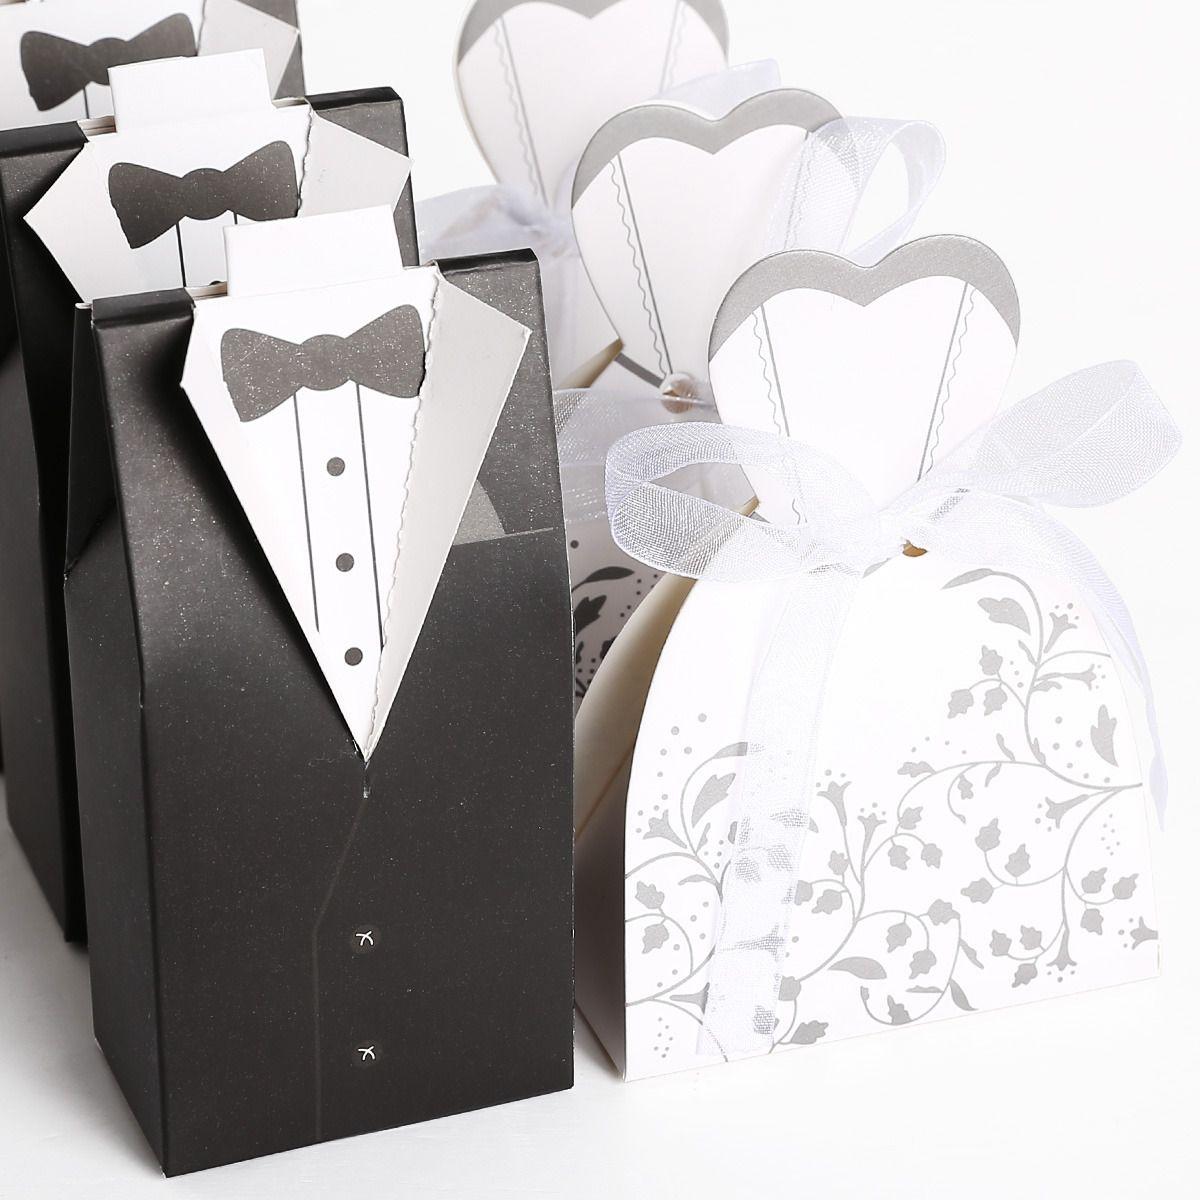 dragées boites mariage homme femme contenant dragées,contenant ...